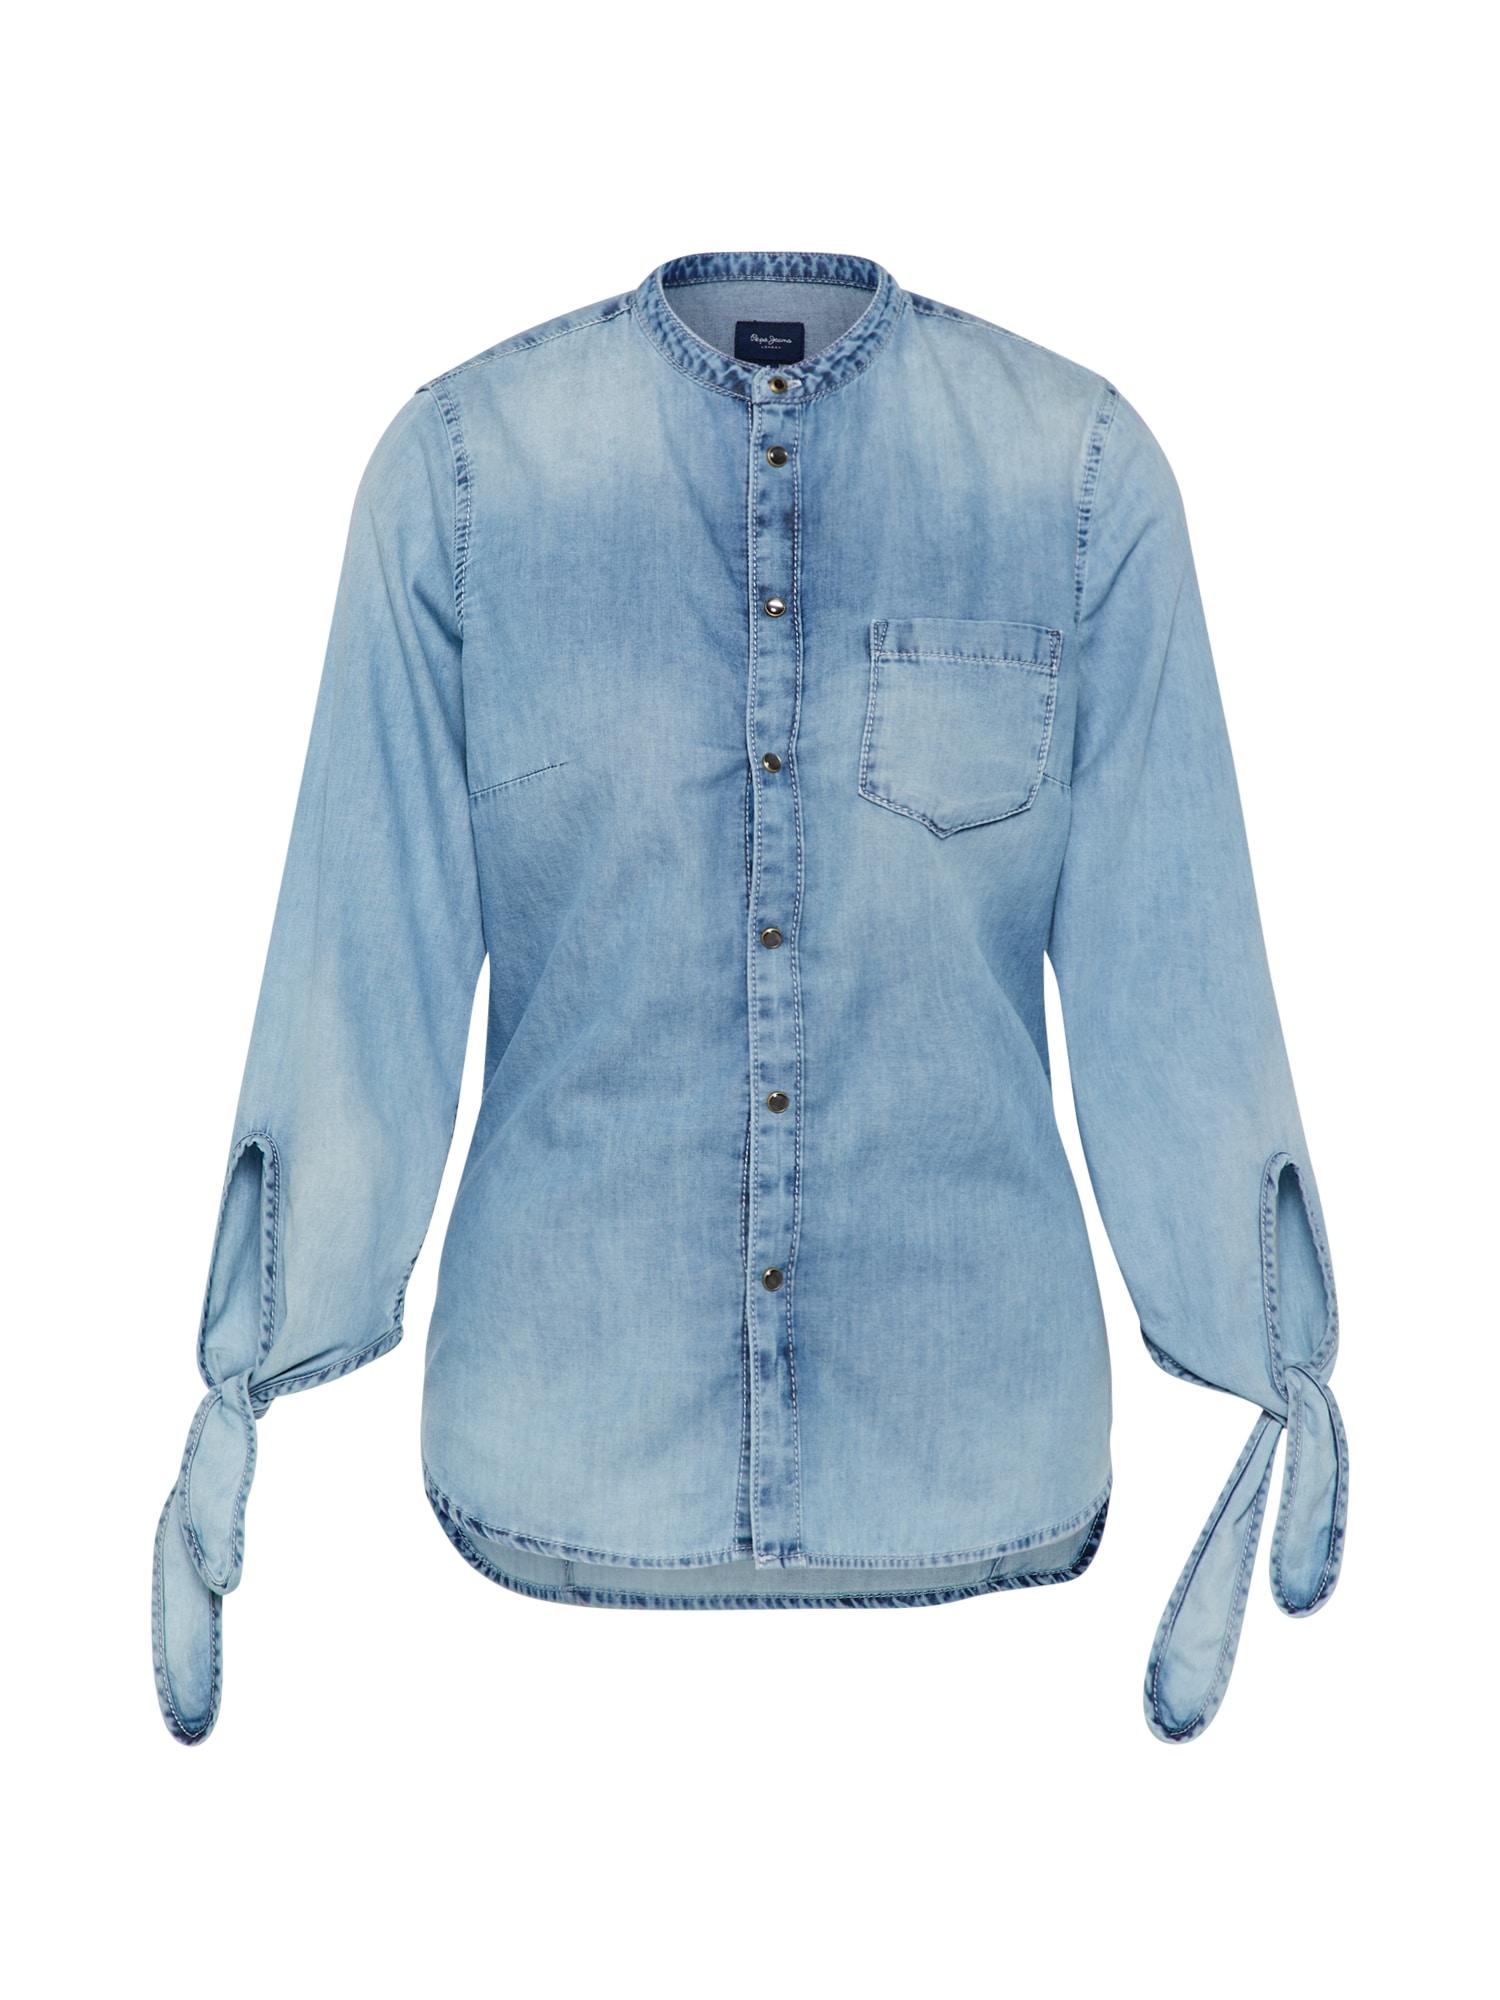 Pepe Jeans Dames Blouse ELLEN blue denim